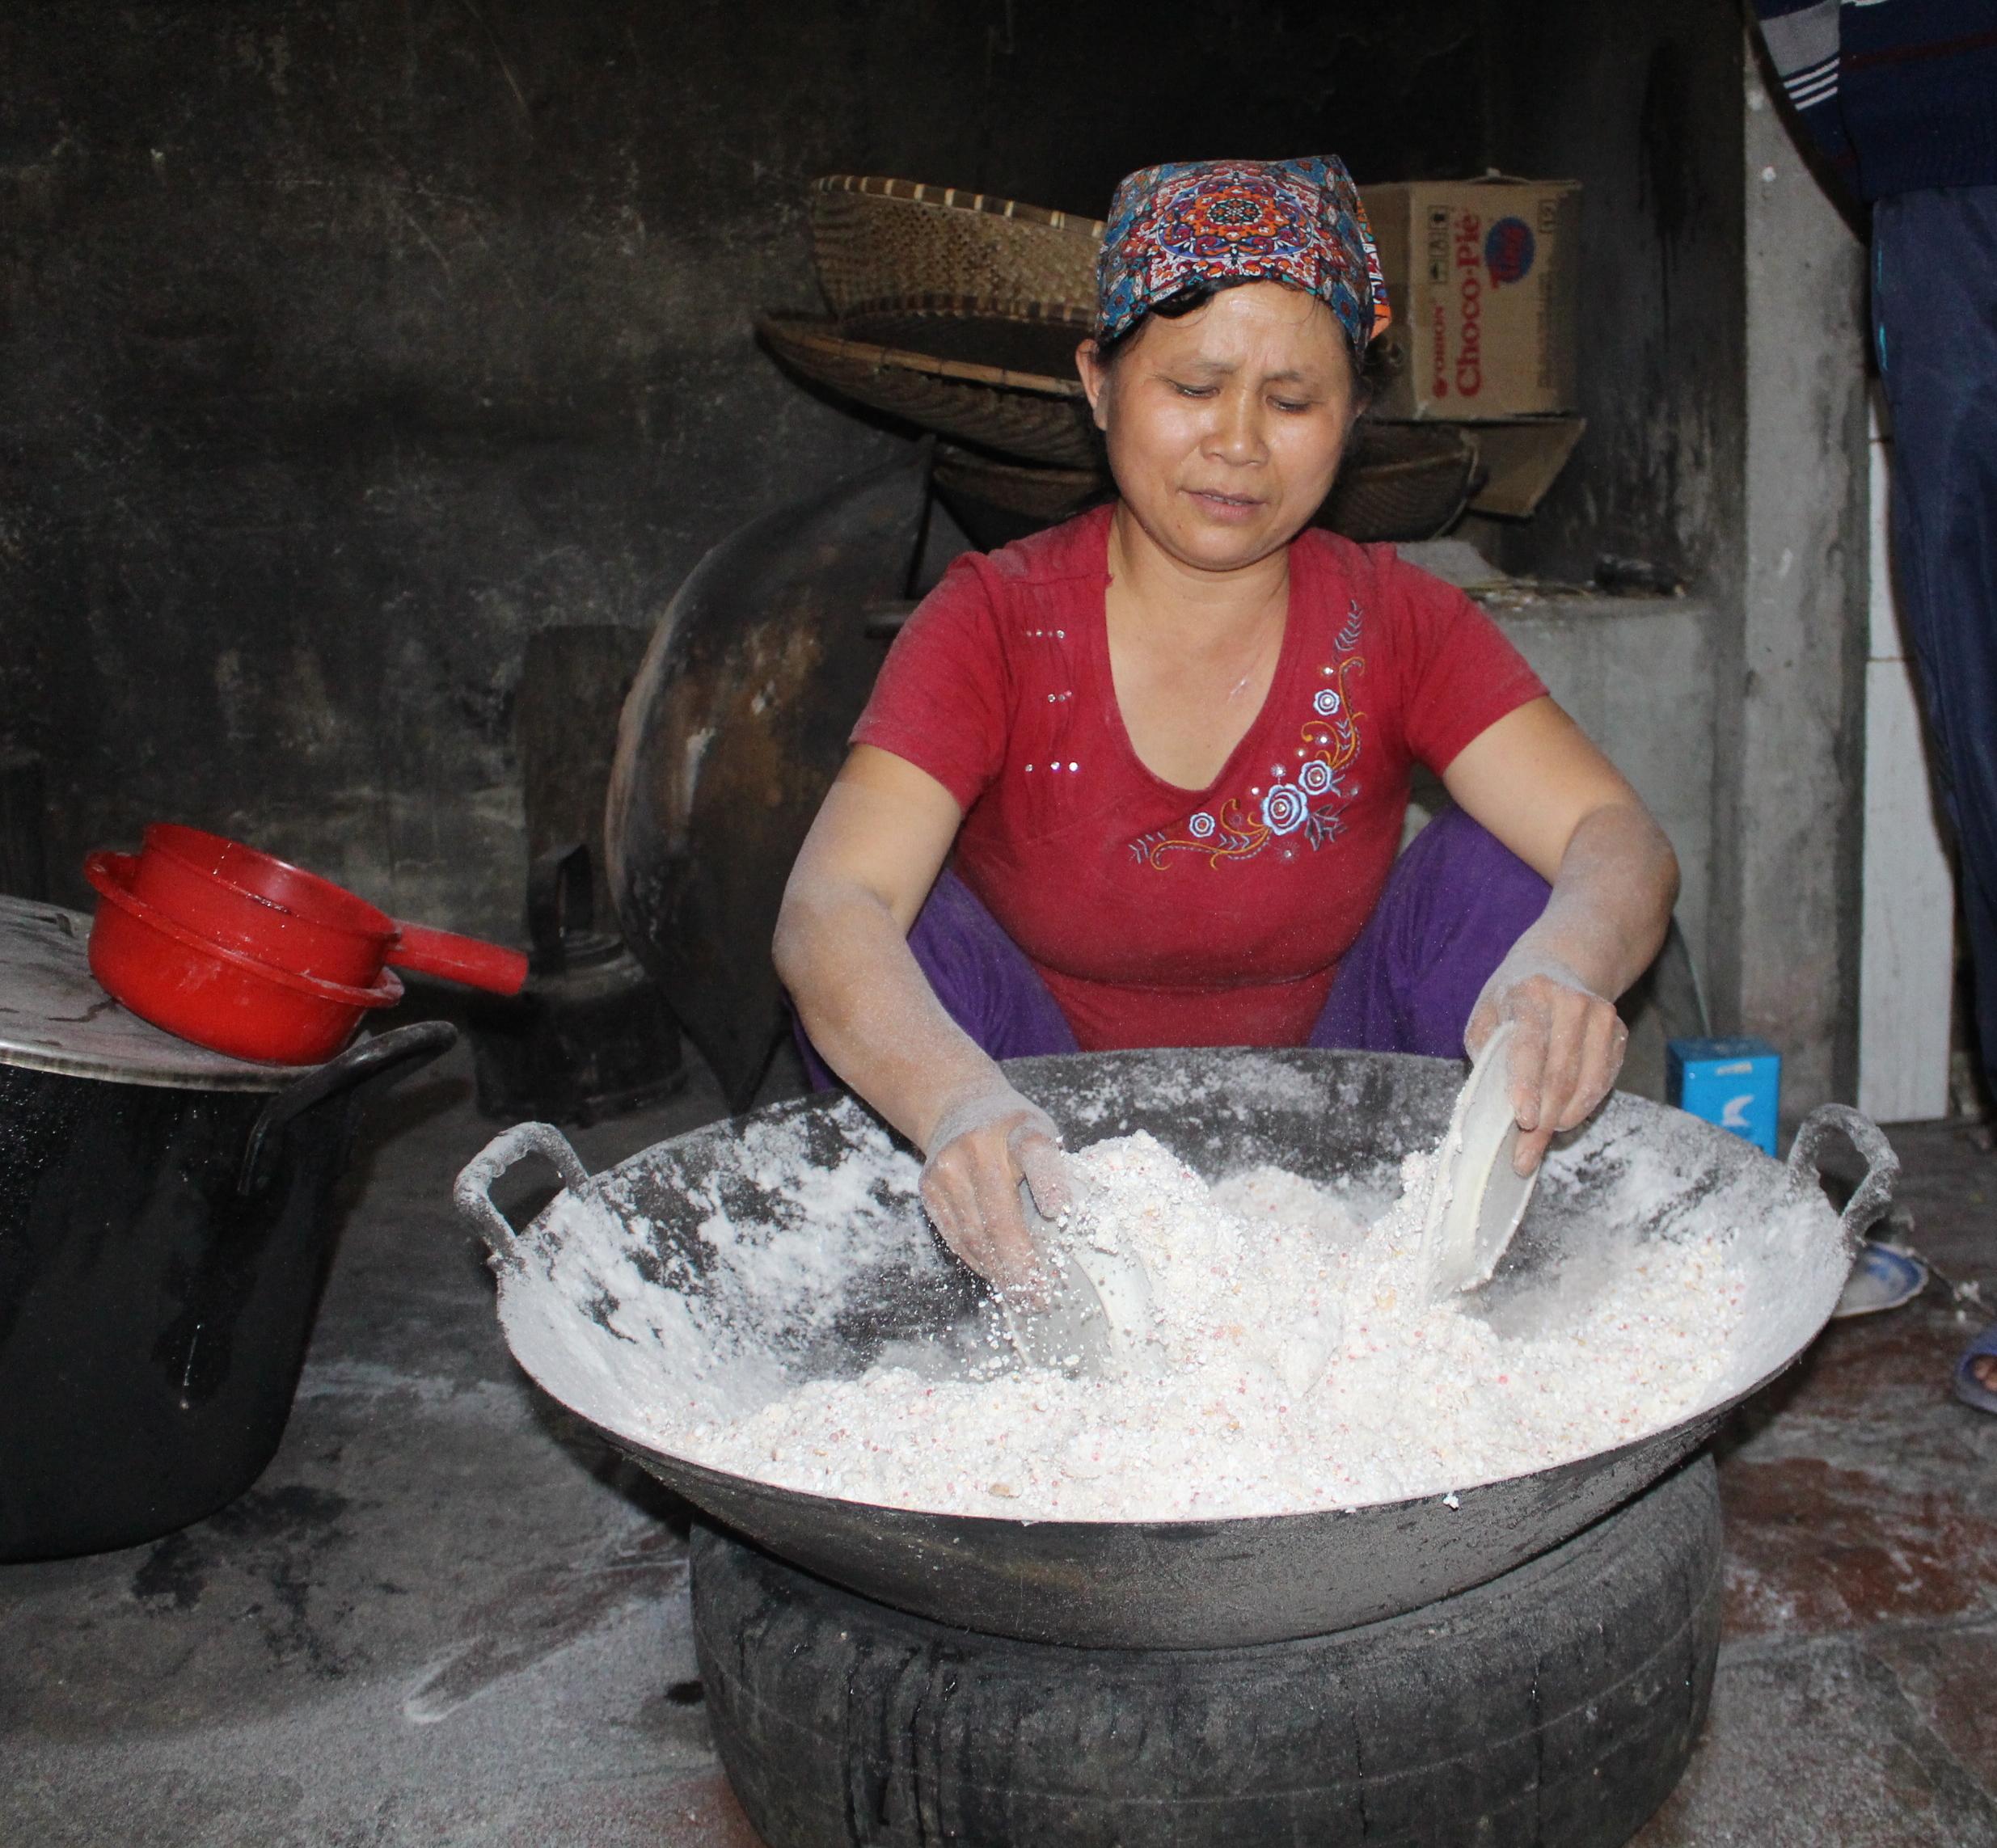 Chè lam Thạch Xá được người thợ chế biến rất cẩn thận từ những nguyên liệu đơn giản, quen thuộc như bột nếp, đường kính và mạch nha